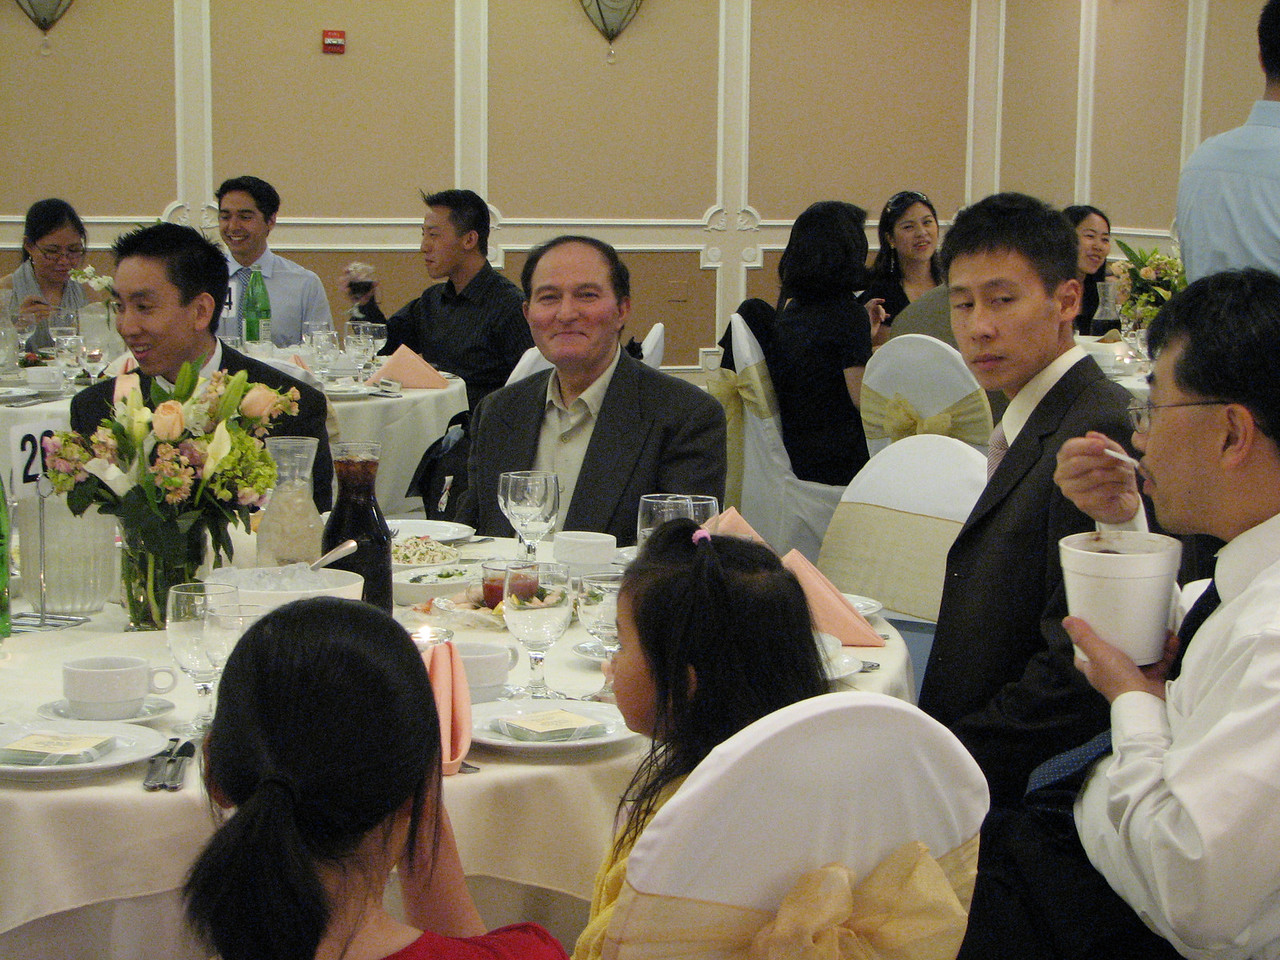 2007 06 09 Sat - Tony Fong, Moe, Dave Lee, Brian, Ally, & Jenny Chiang